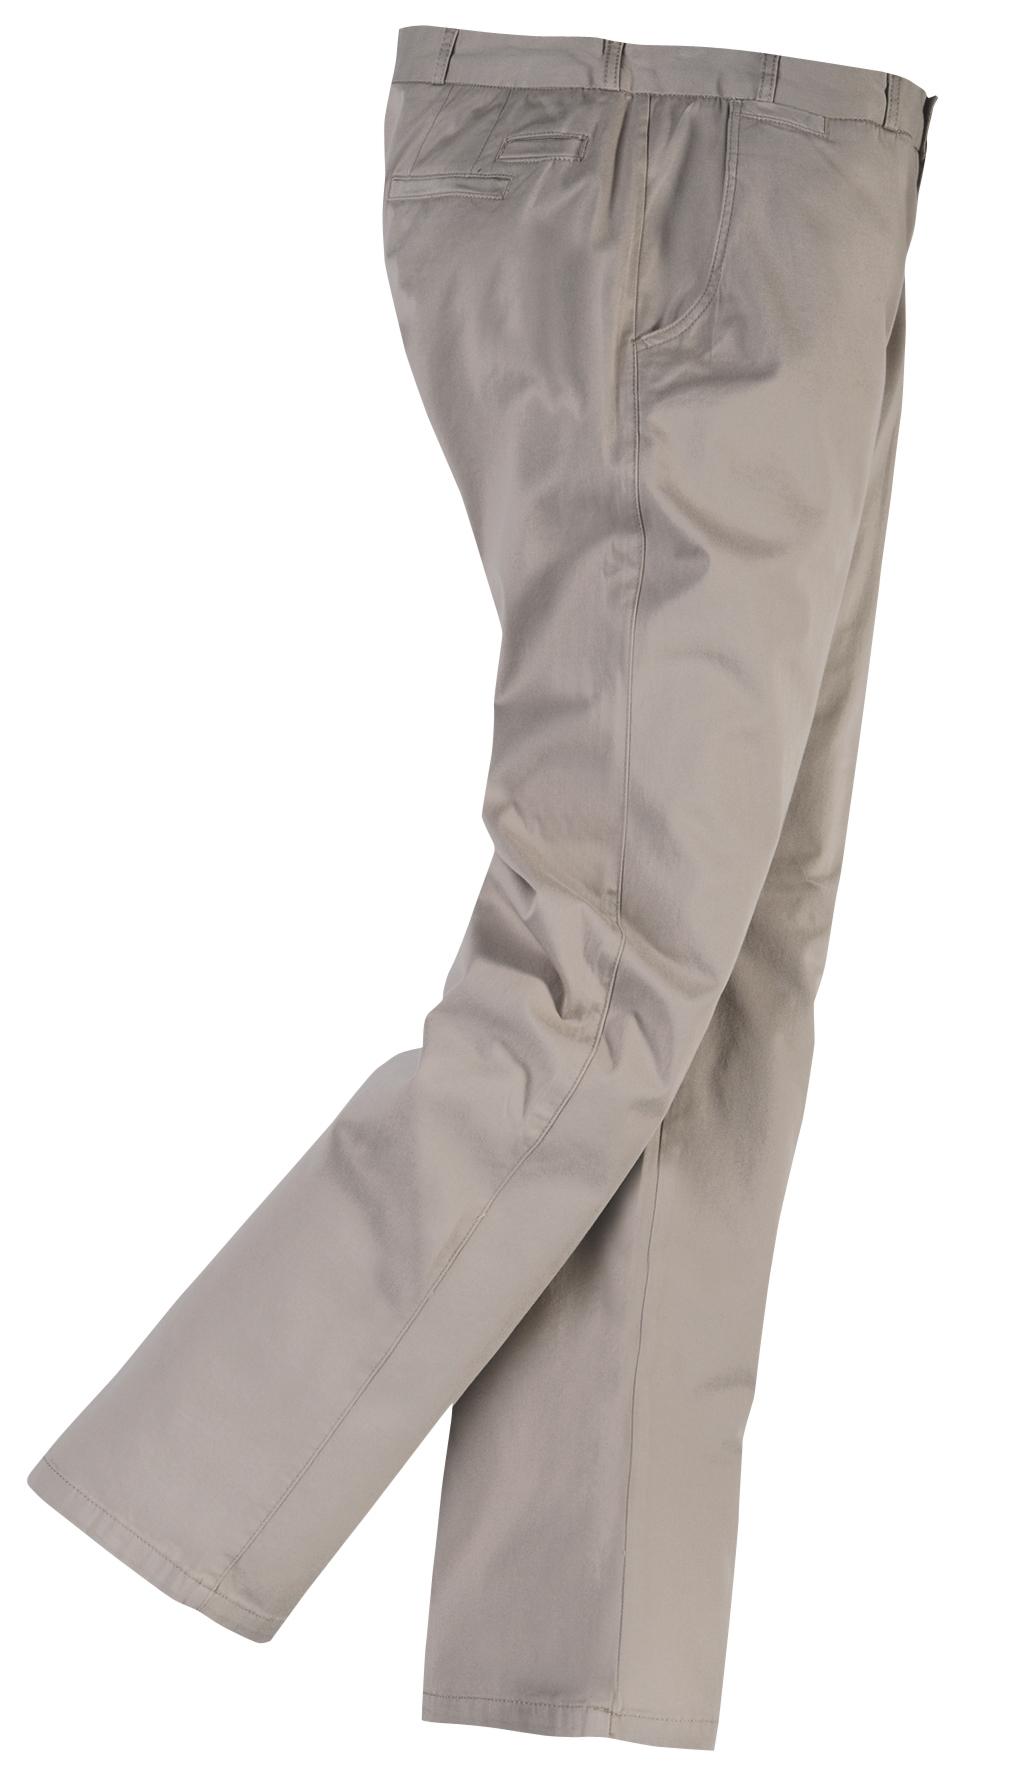 Greyes Chino broek, zand